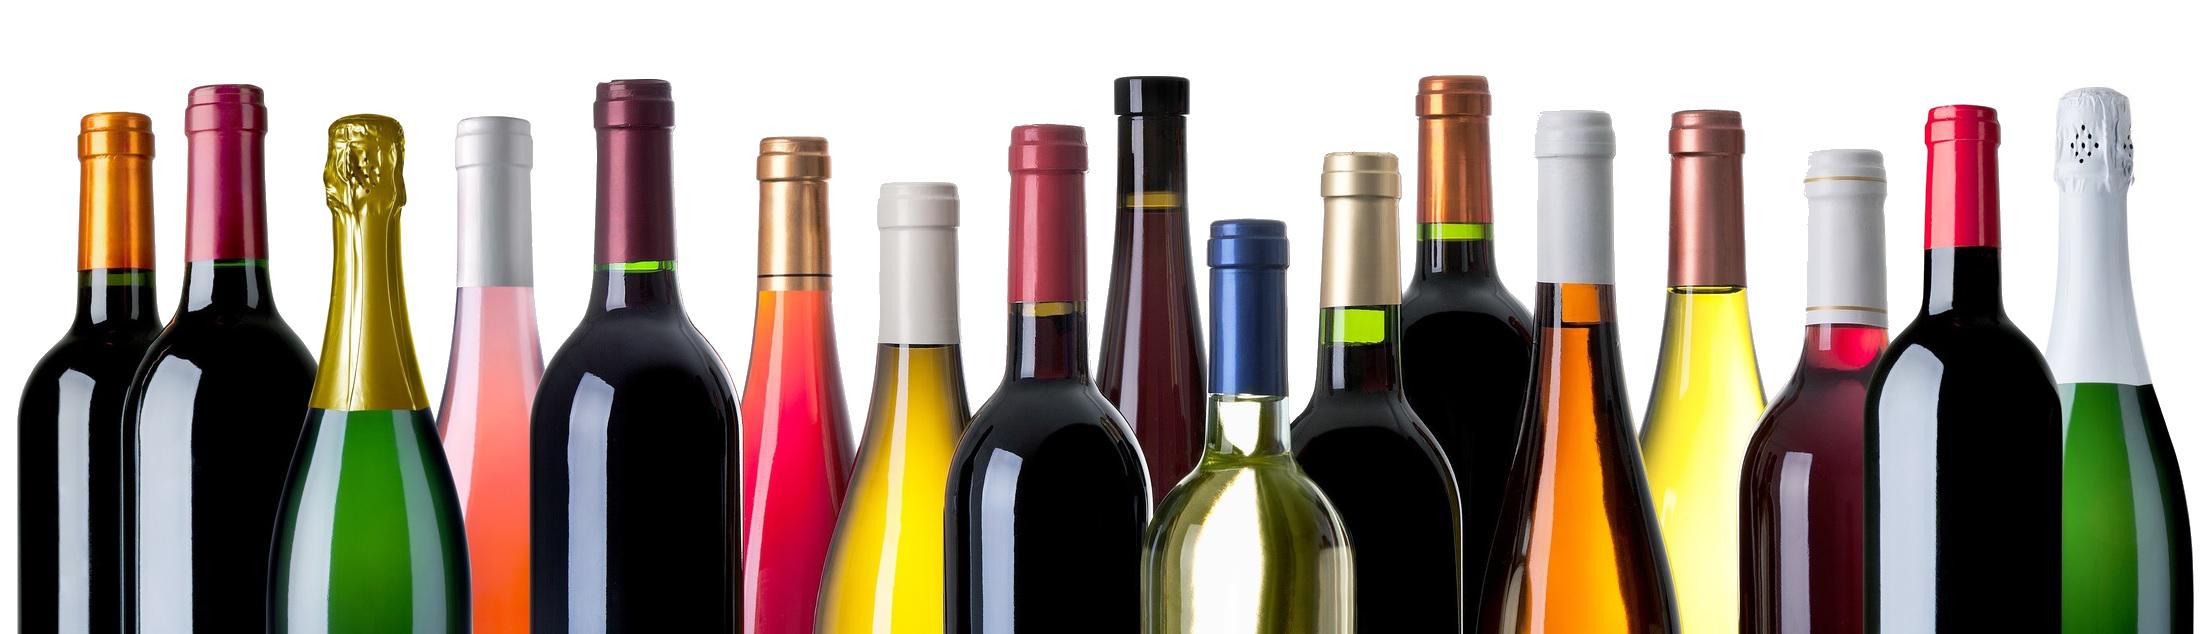 Vitrine dos Vinhos